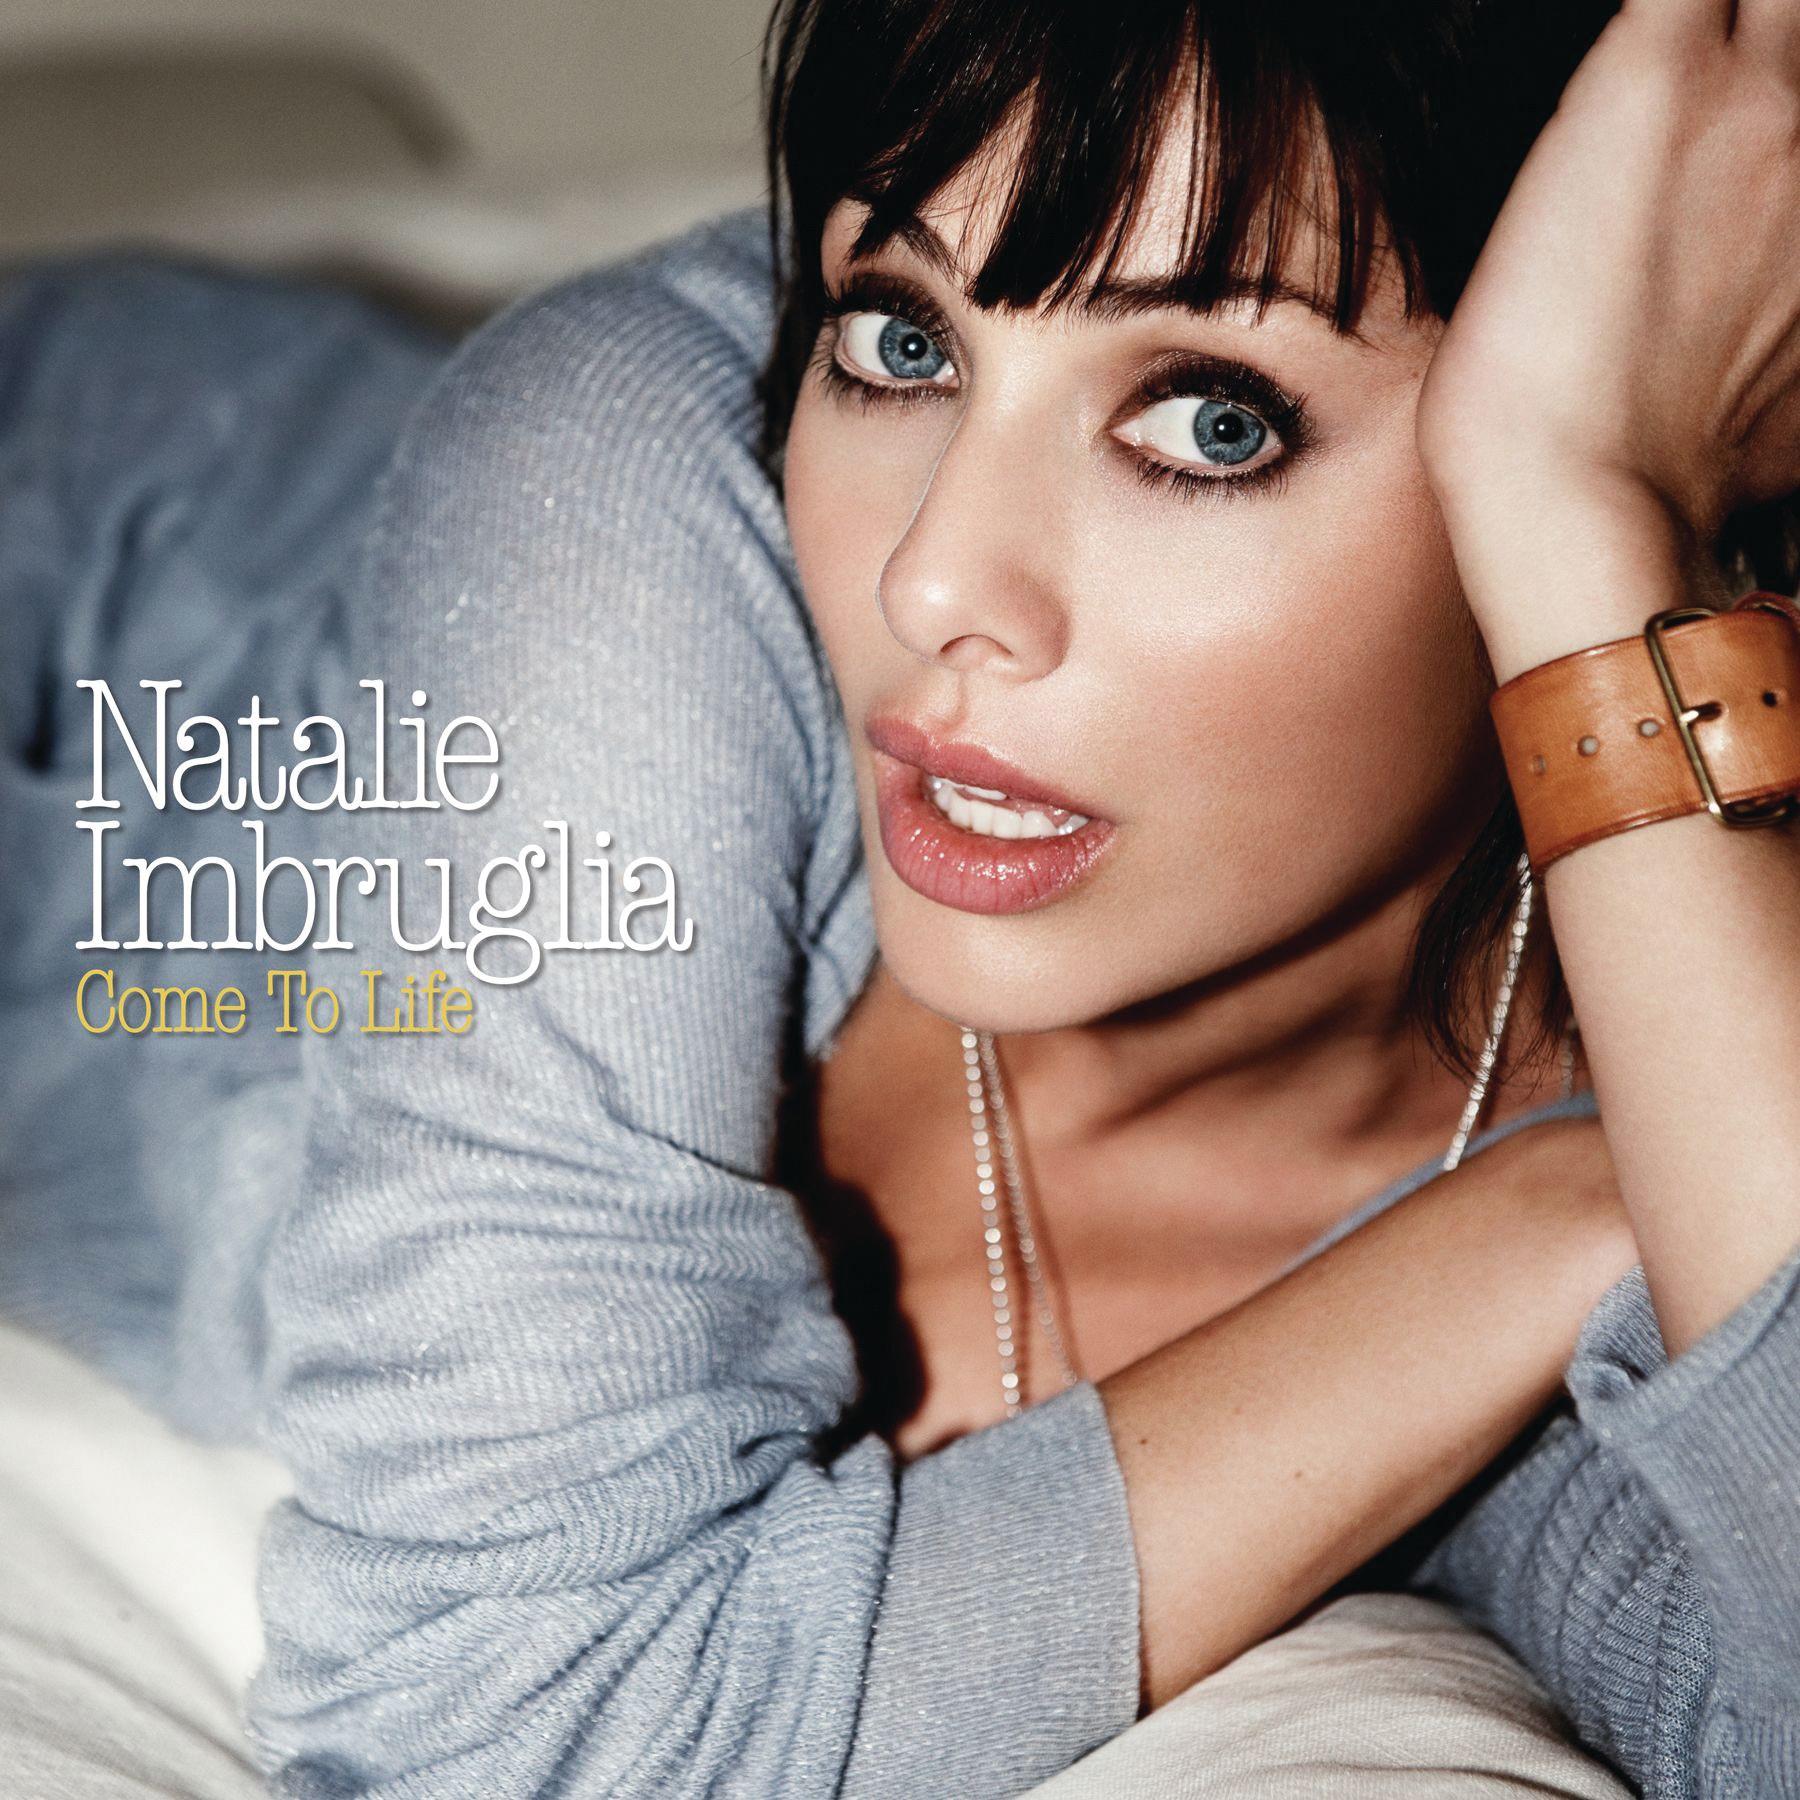 Natalie Imbruglia album Come To Life